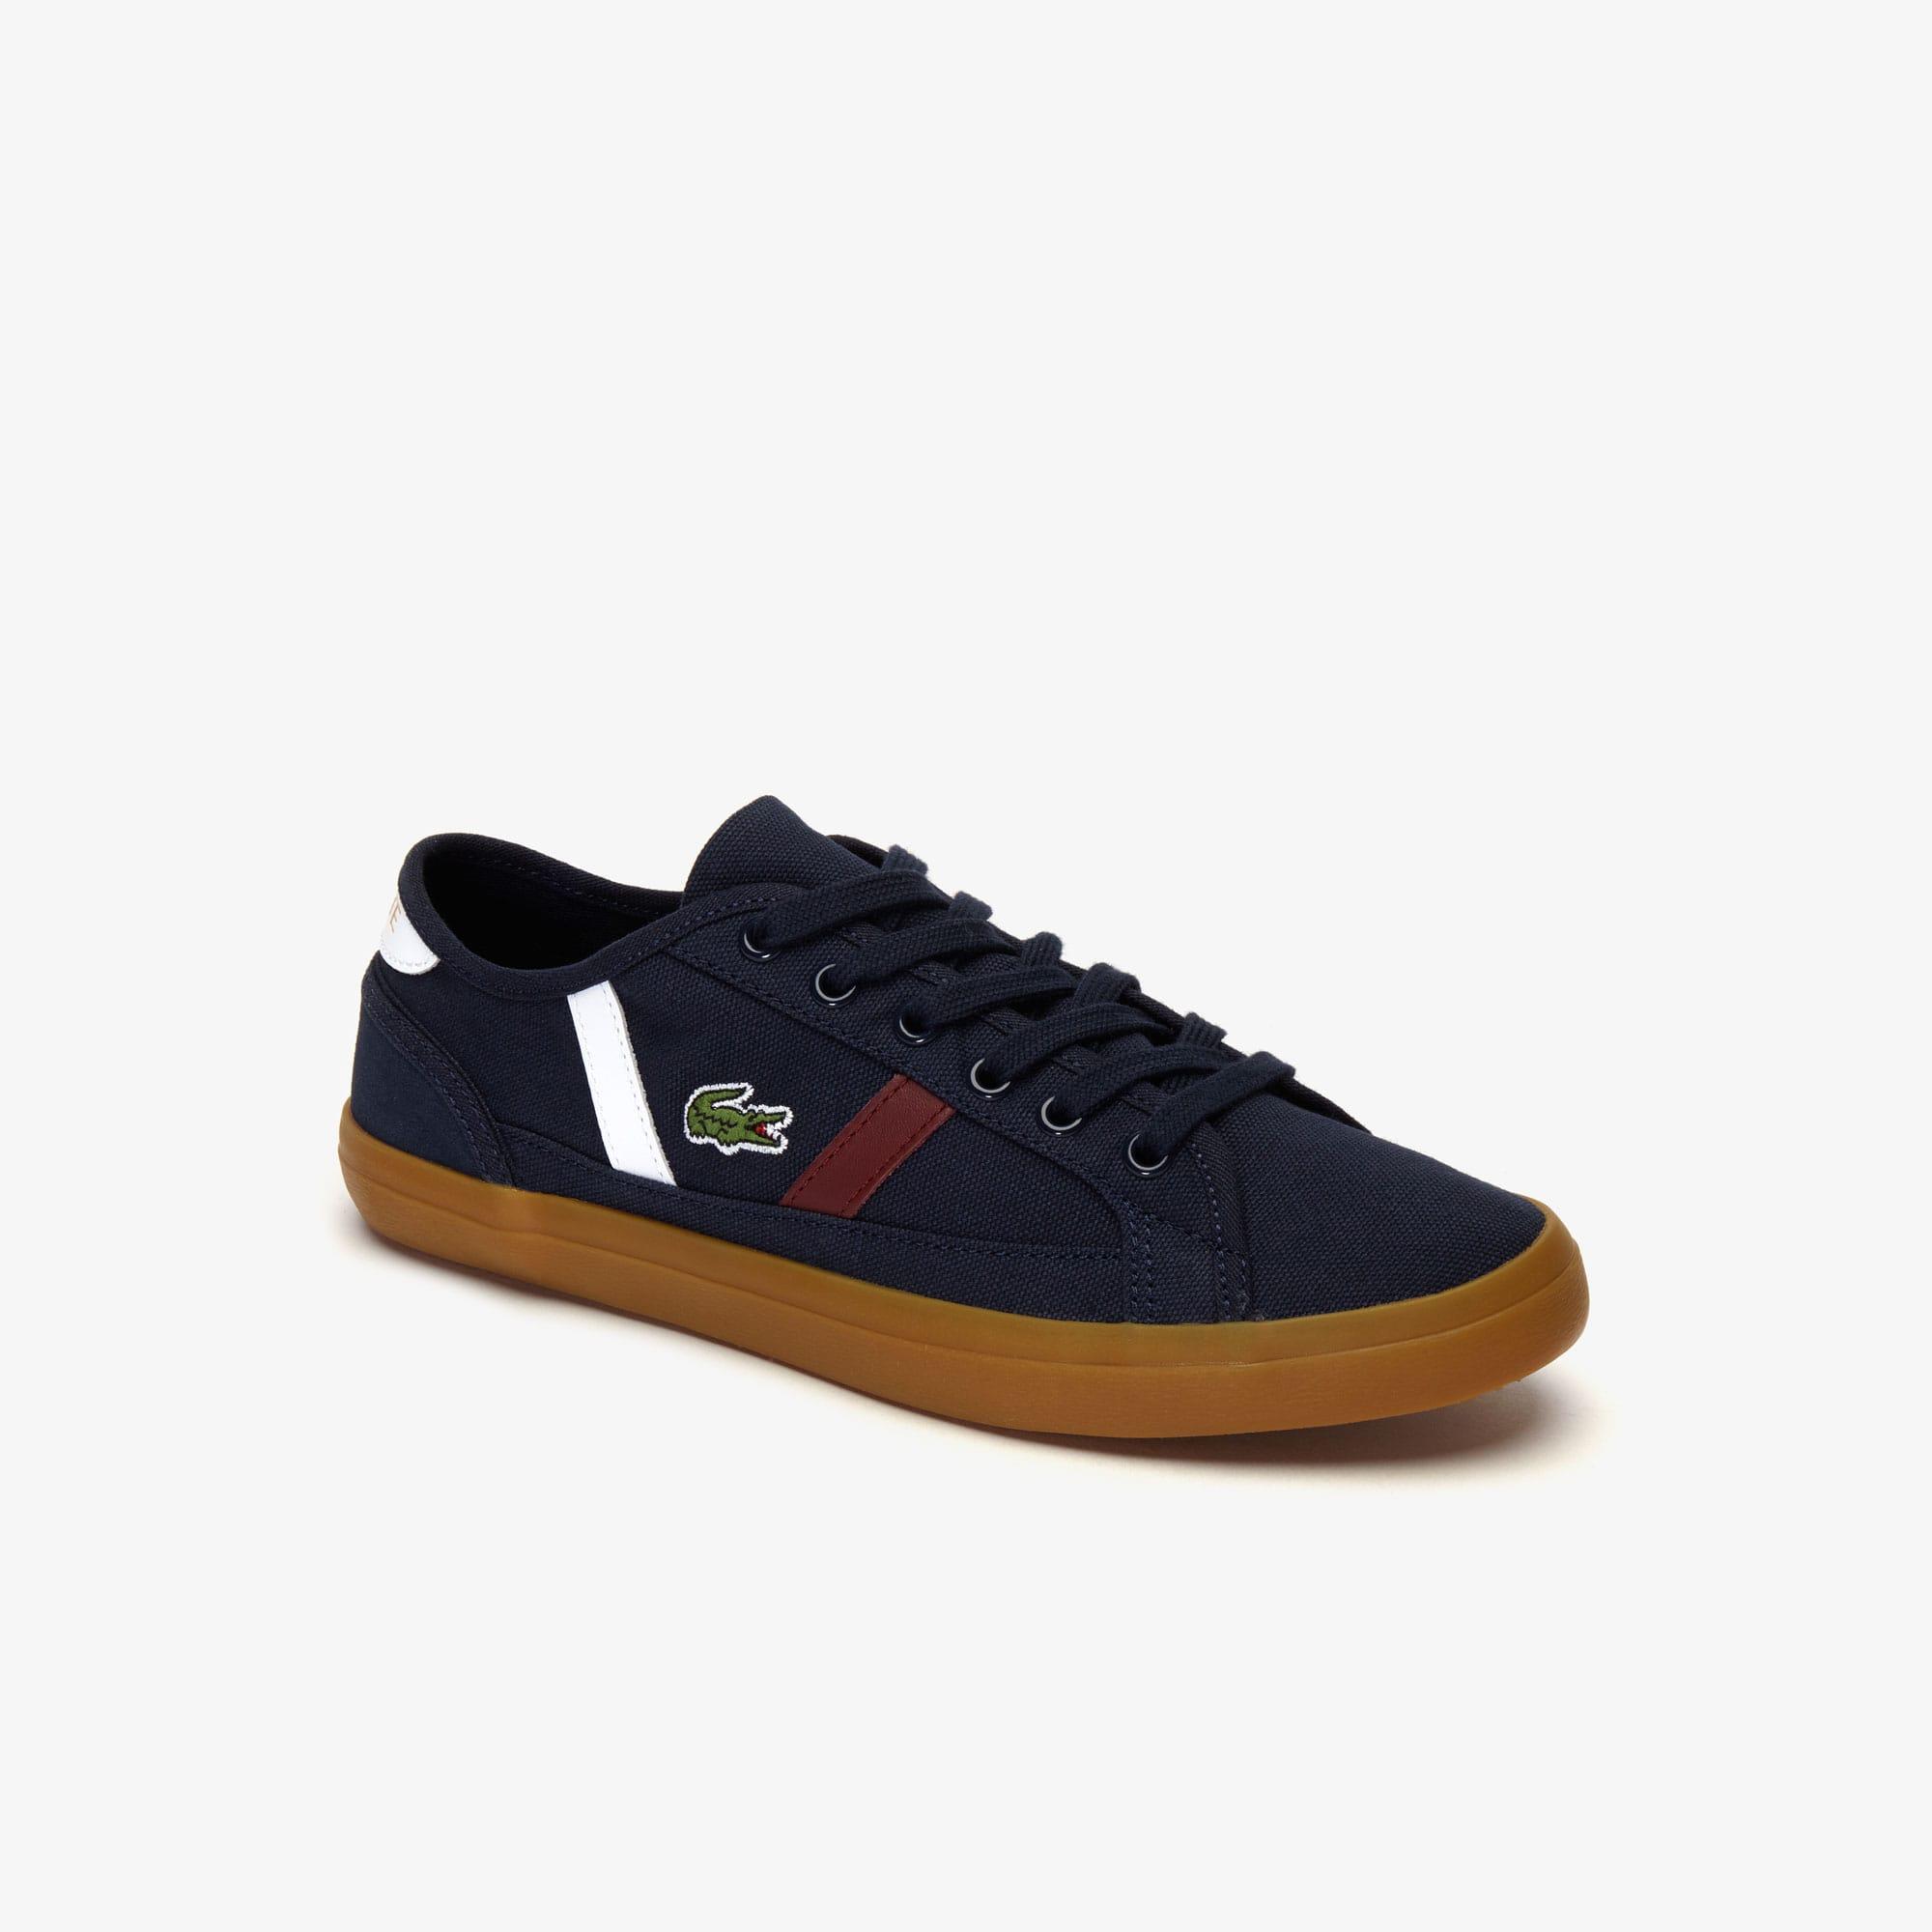 23d74ba35959d Shoes for Women | Footwear | LACOSTE